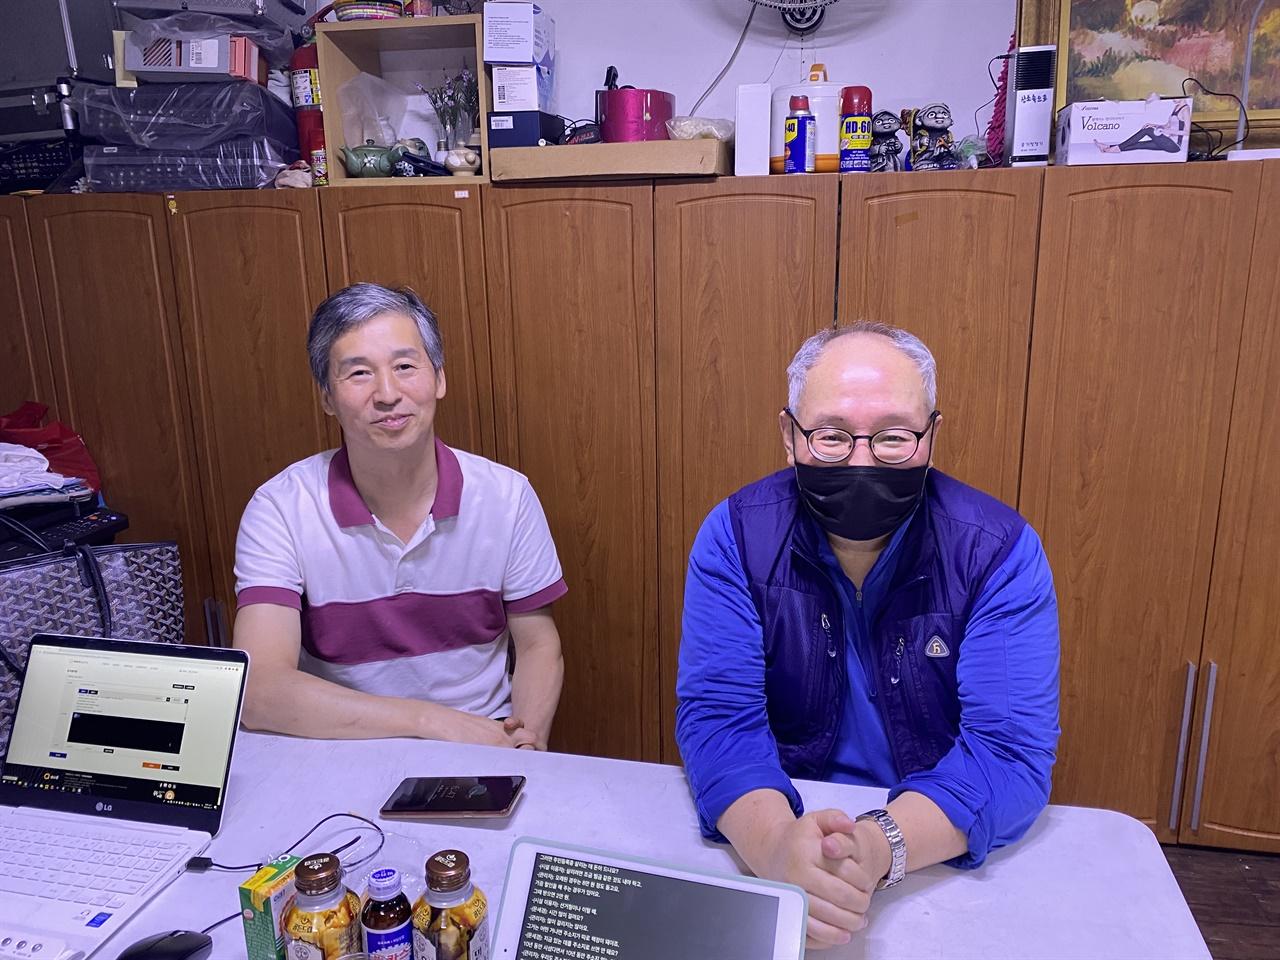 드림씨티 2층에서 인터뷰하고 있는 우연식 목사(왼쪽)와 A씨